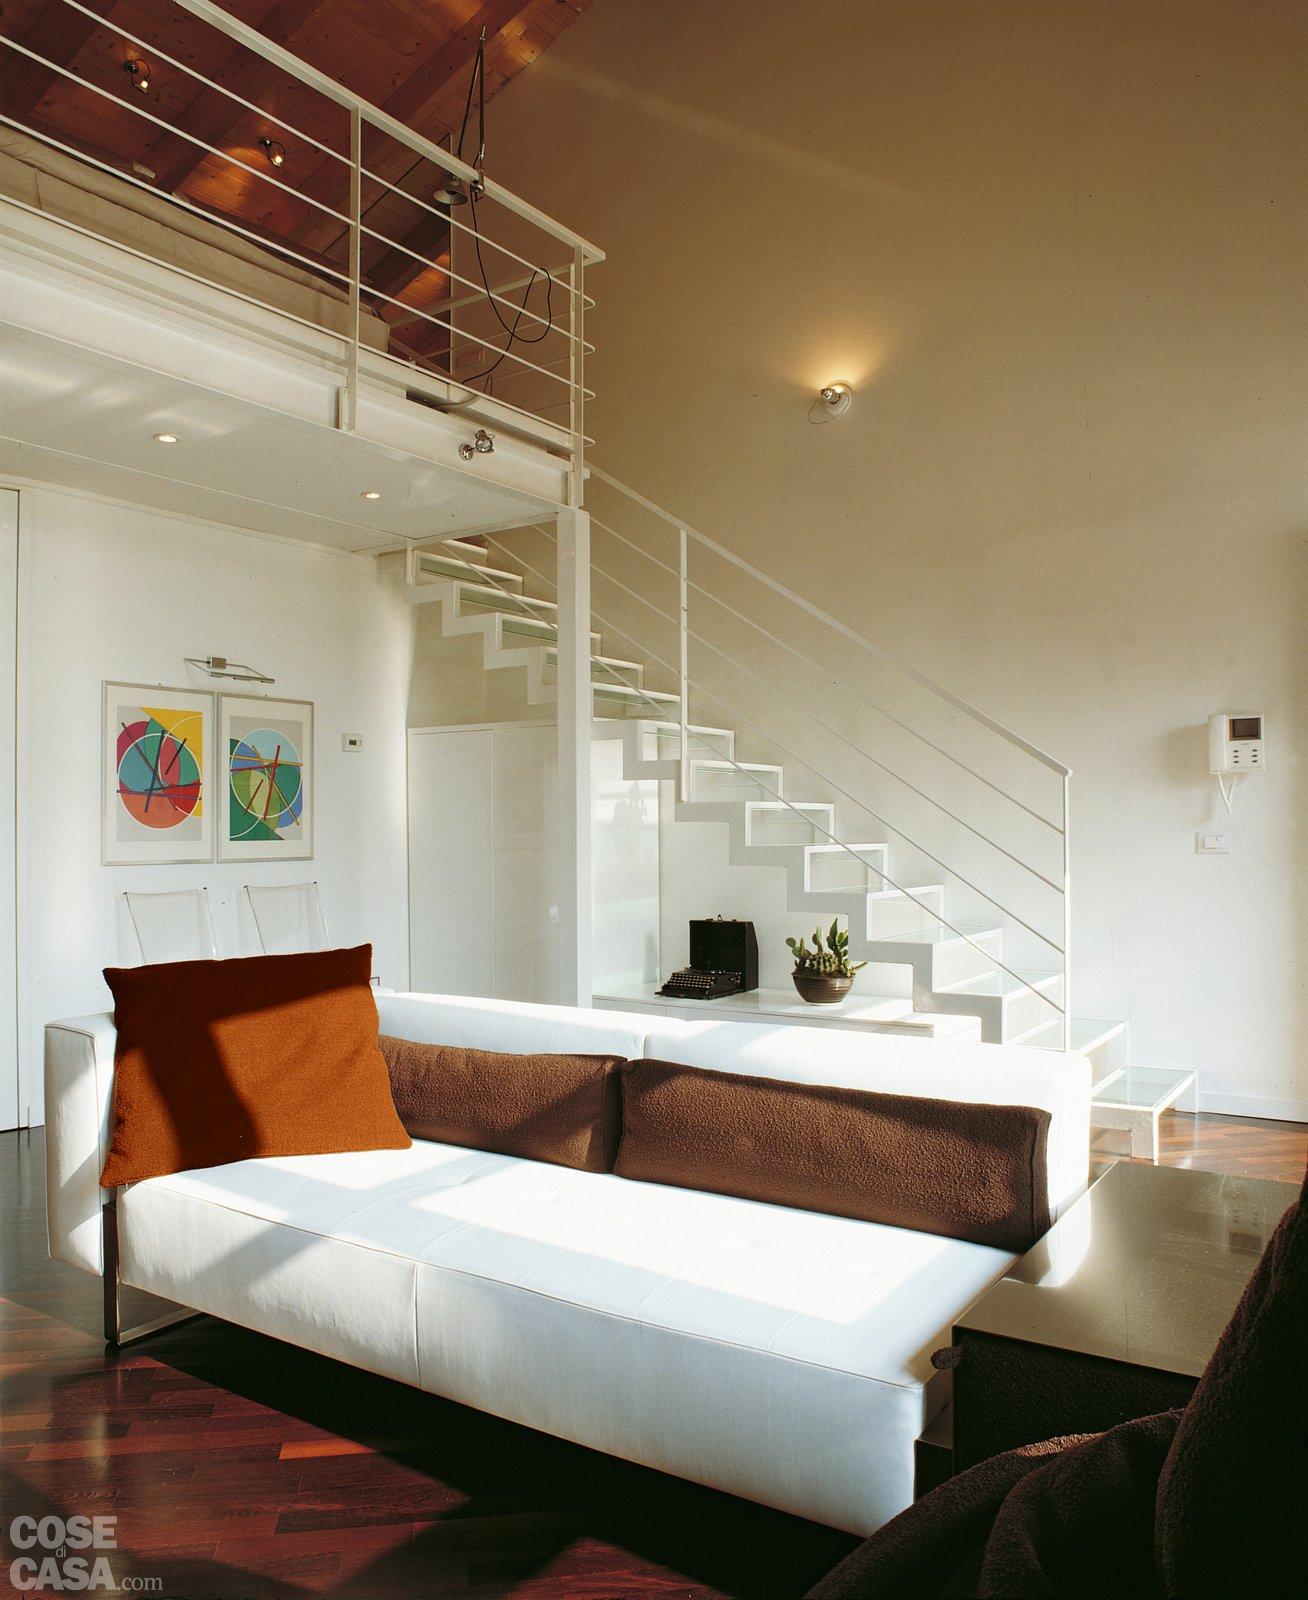 Parete Soggiorno 3 Metri : Una casa a doppia altezza con soppalco di mq cose